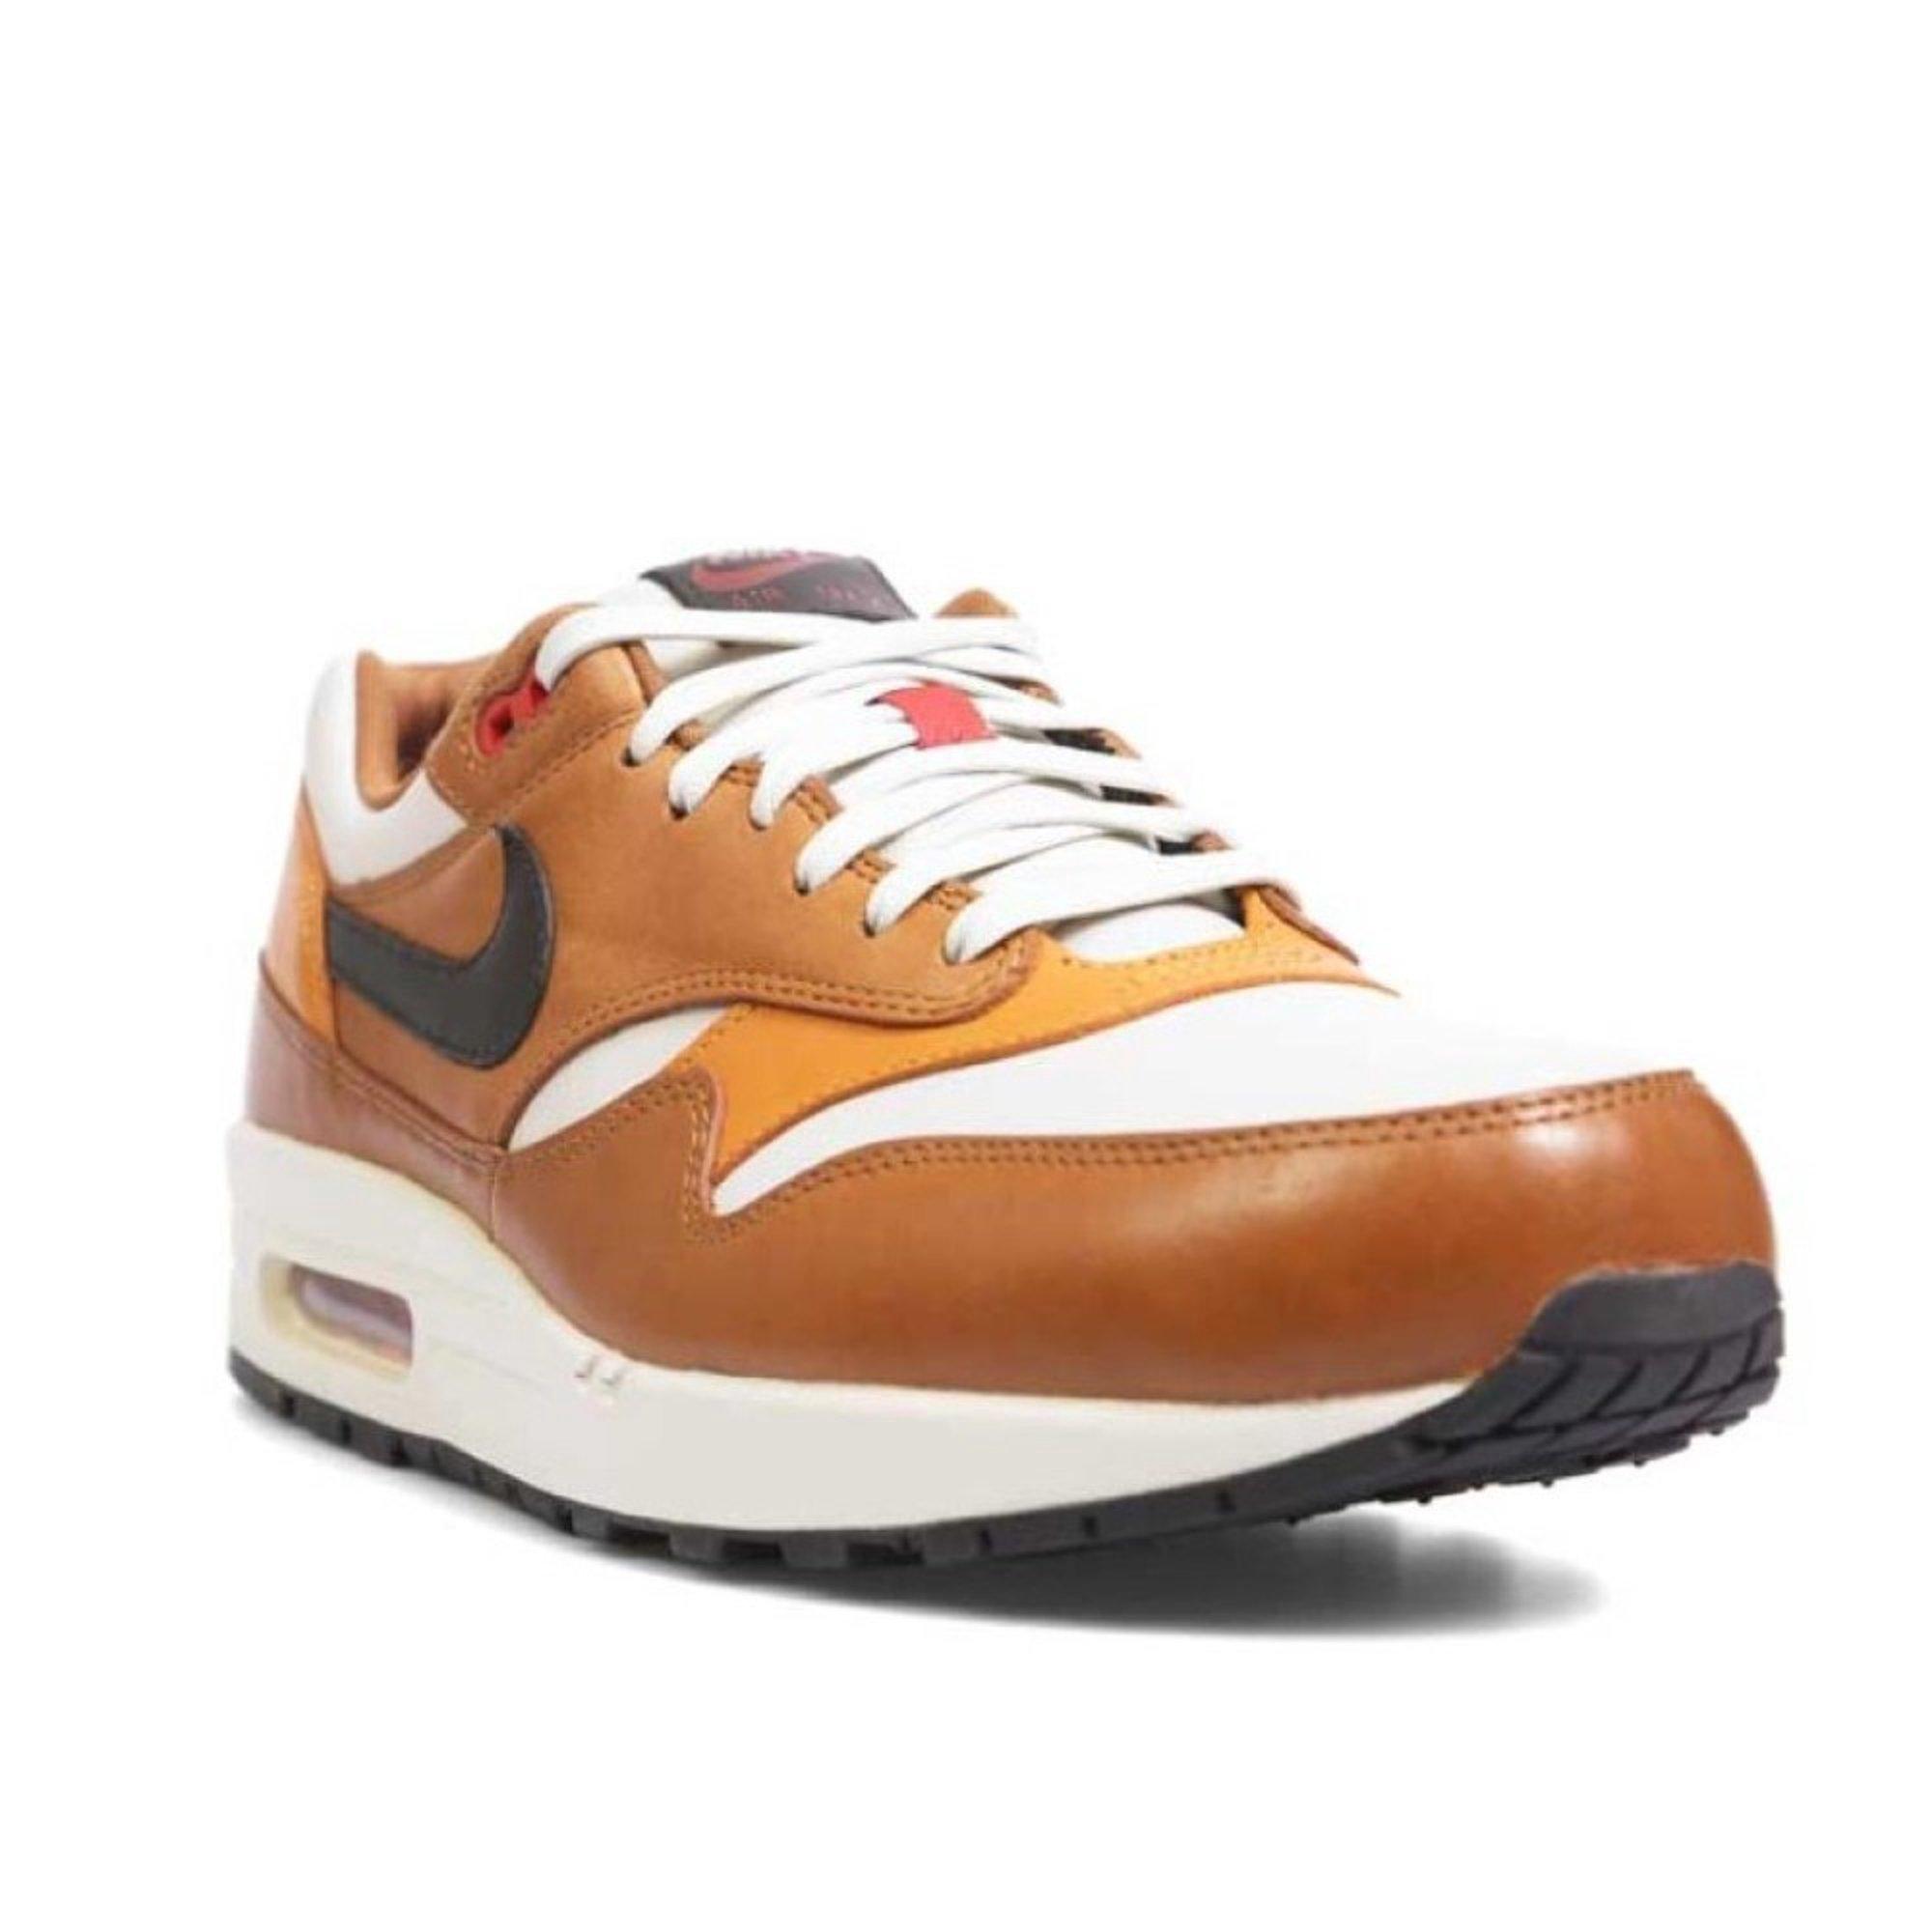 new product 2e92f d0563 Nike - Men - Air Max 1 Escape Qs - 718302-002 - Size 9.5 | Walmart Canada